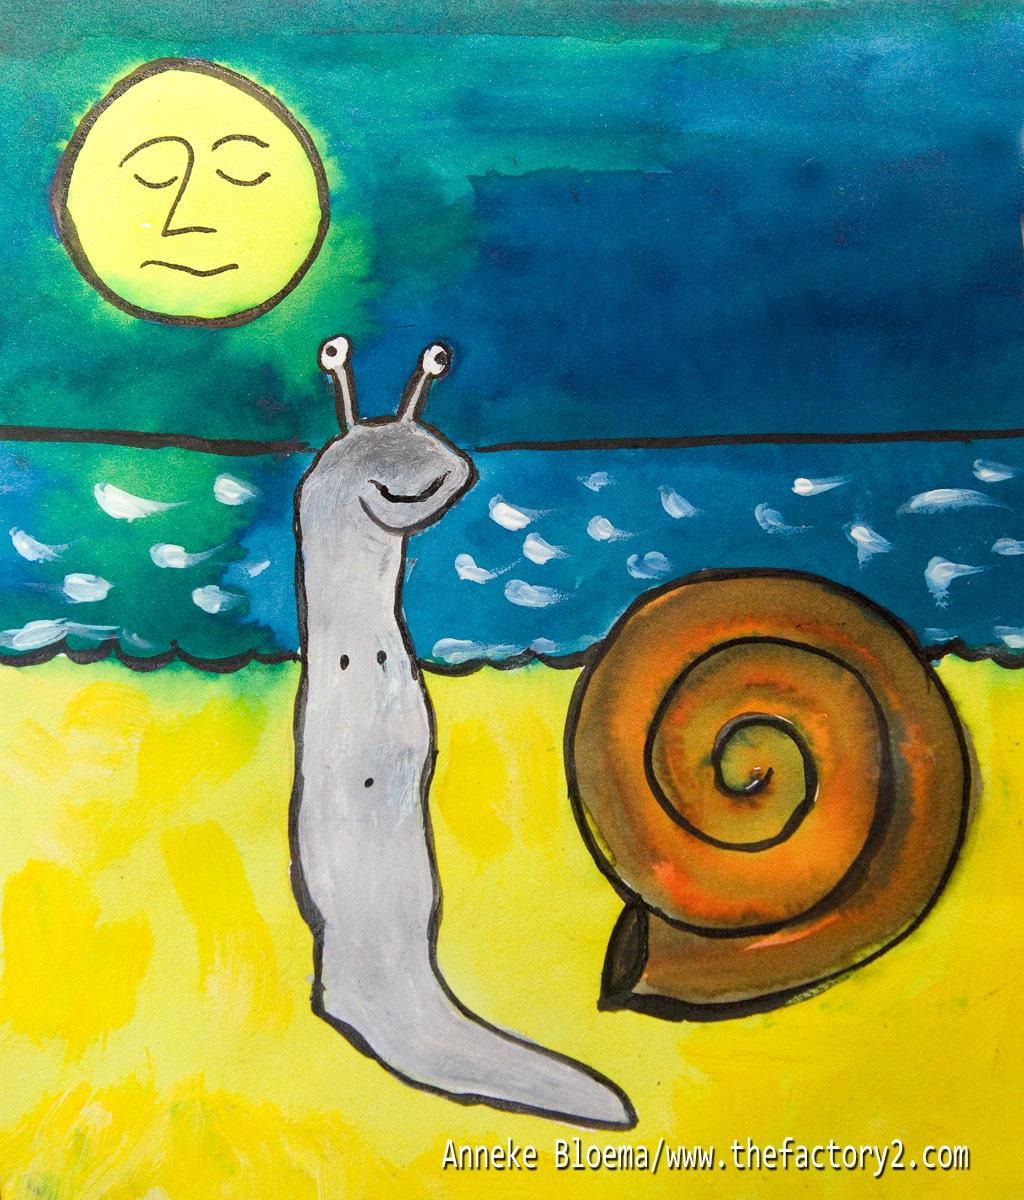 Tekening van een slak die gaat zwemmen in de zee/ Swimming Snail - wwwthefactory2com